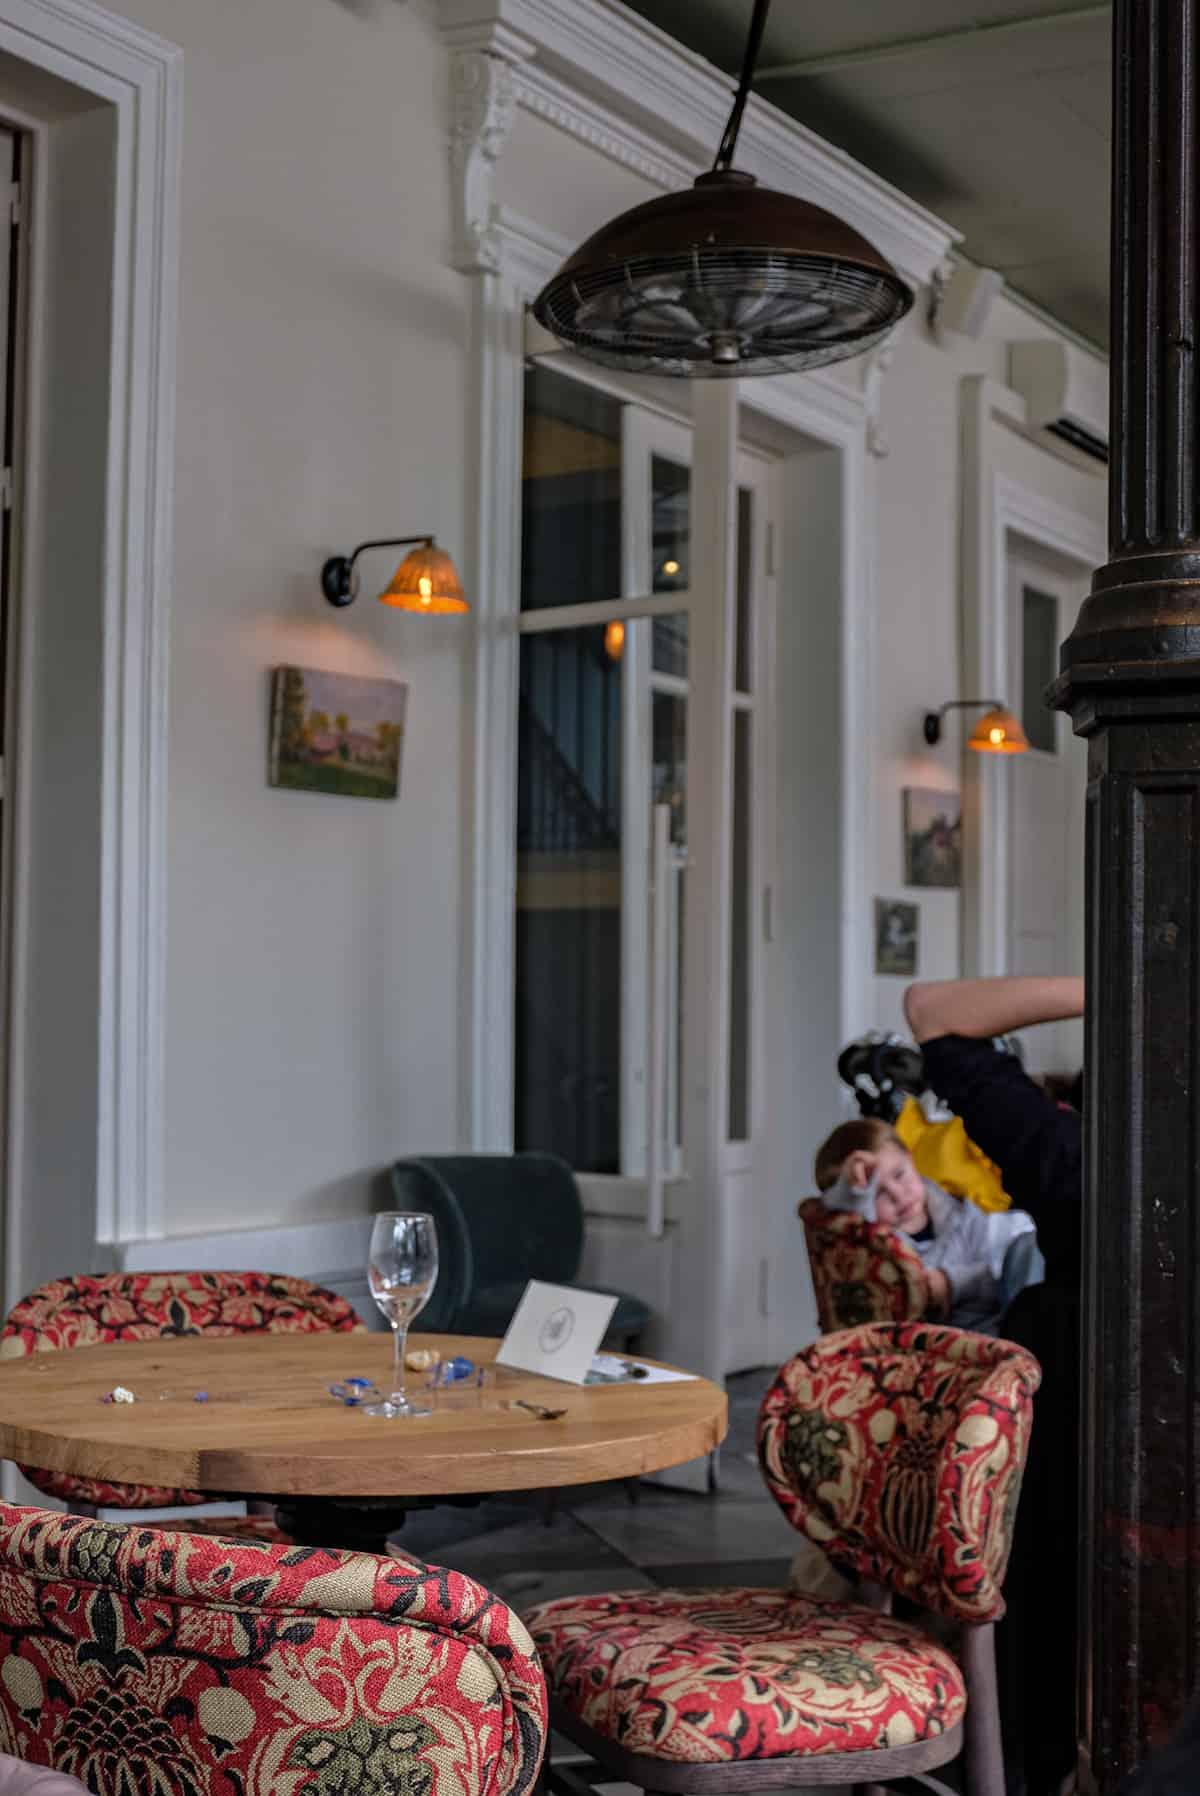 restaurant-l-ile-l-ile-saint-germain-issy-les-moulineaux-terrasse-10